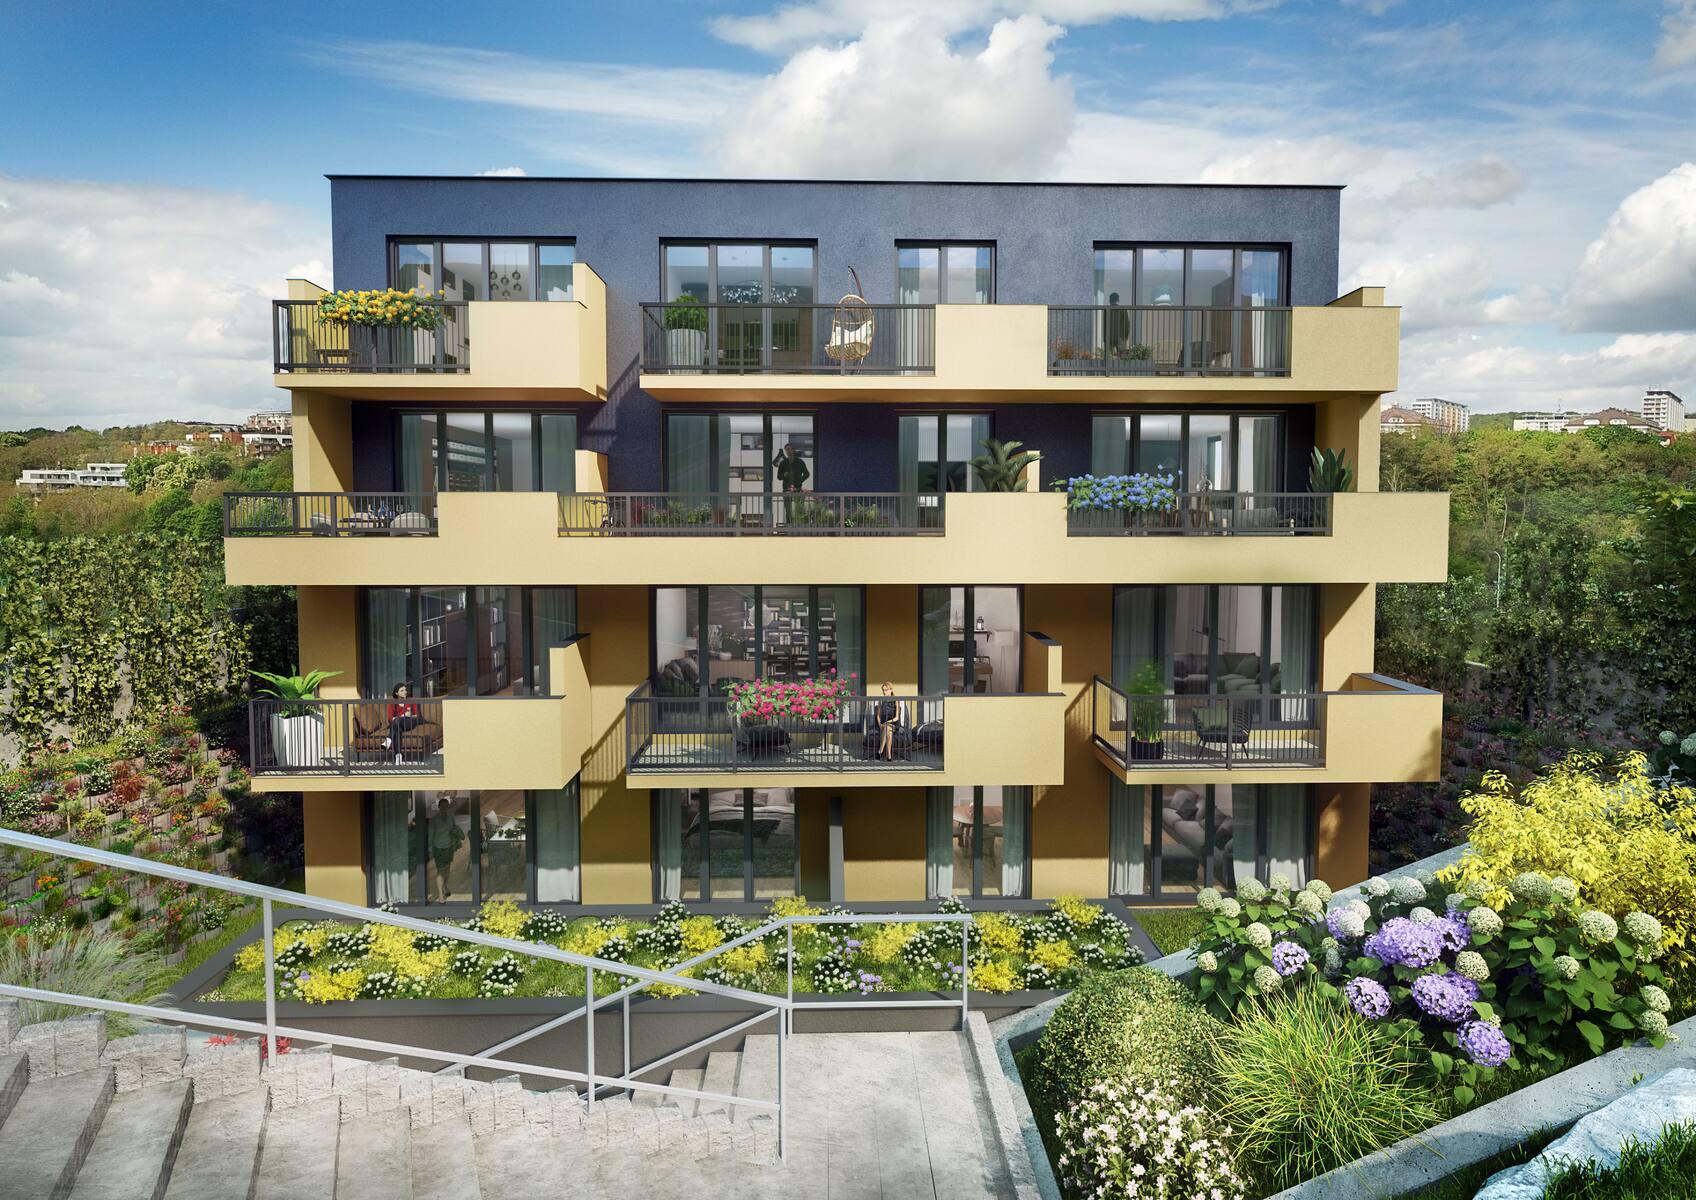 Novostavba Villa Střížkovská prodej bytů Praha 8 - Libeň